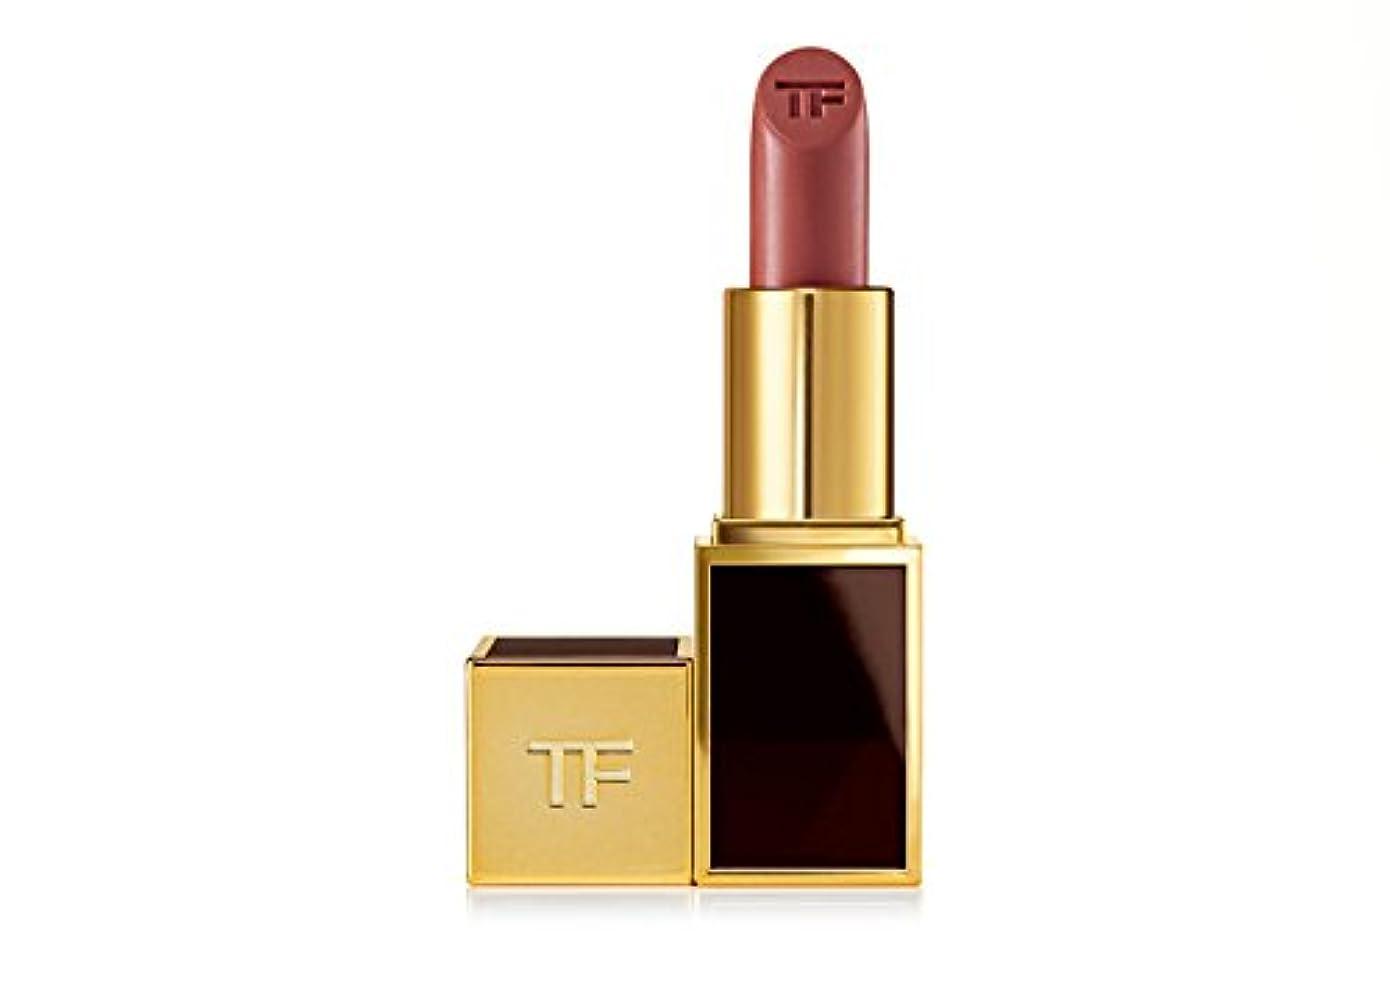 エンドテーブル守銭奴抵抗するトムフォード リップス アンド ボーイズ 11 中立 リップカラー 口紅 Tom Ford Lipstick 11 NEUTRALS Lip Color Lips and Boys (#20 Richard リチャード)...